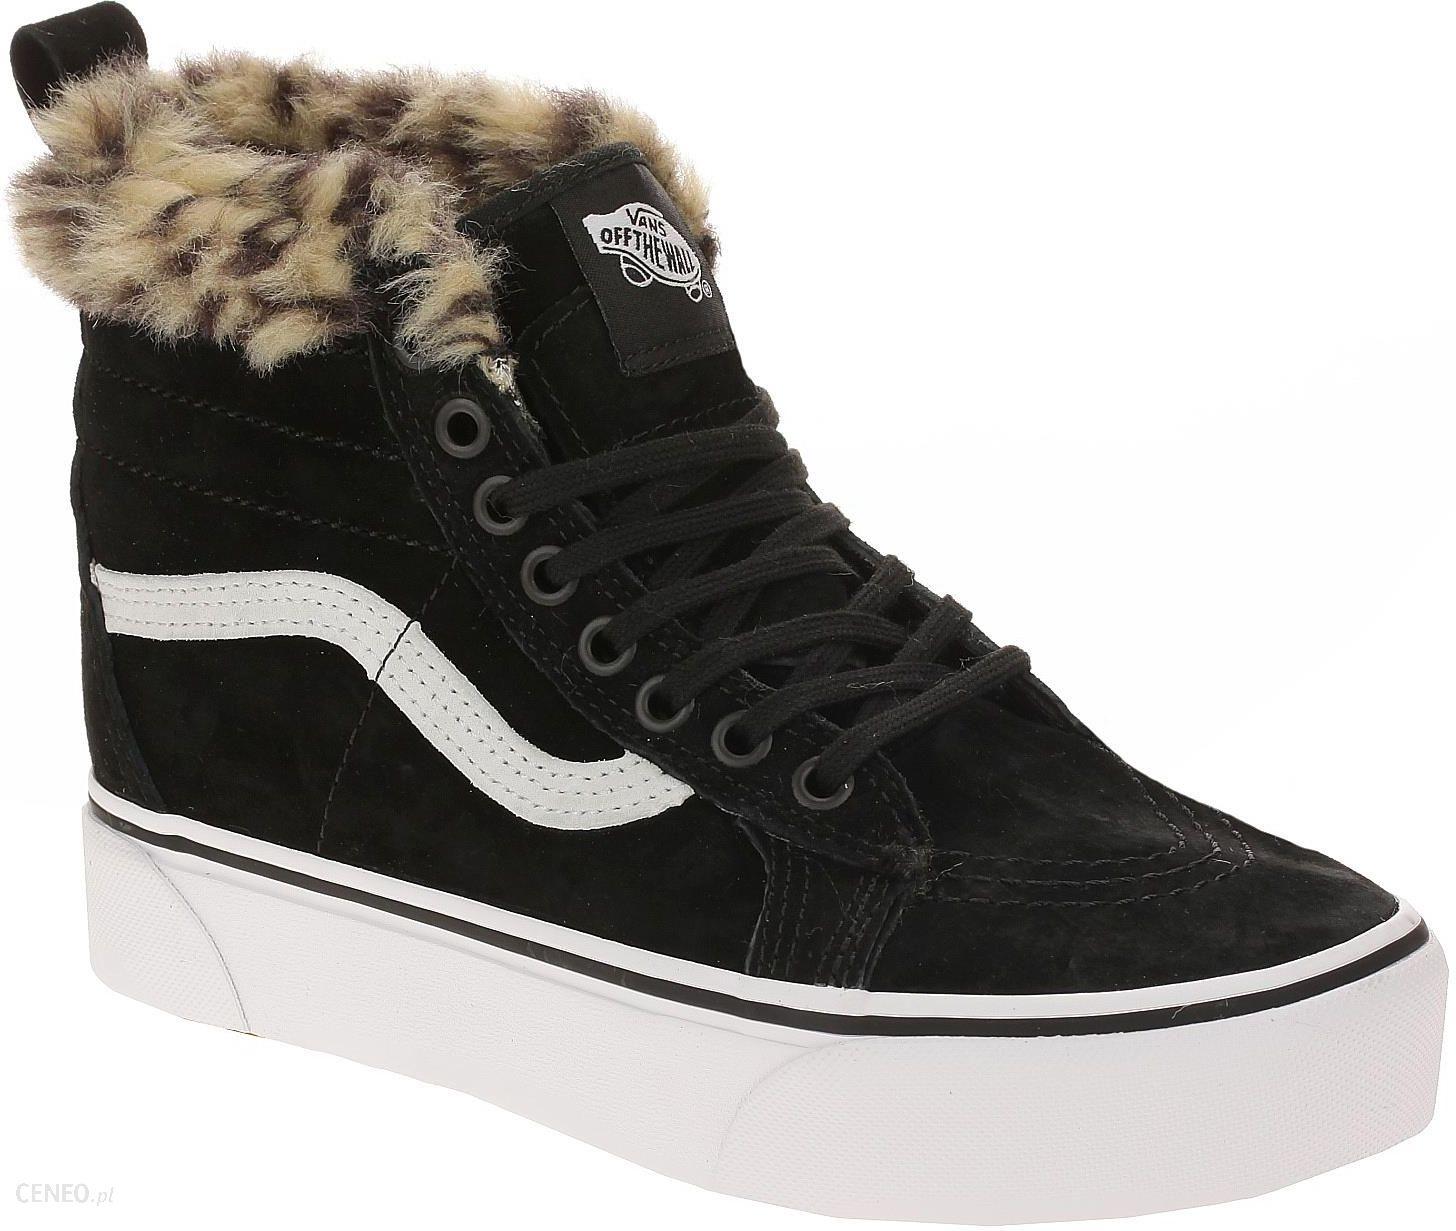 Vans Buty Sk8Hi Platform Mte Black Leopard Fur Ceny i opinie Ceneo.pl